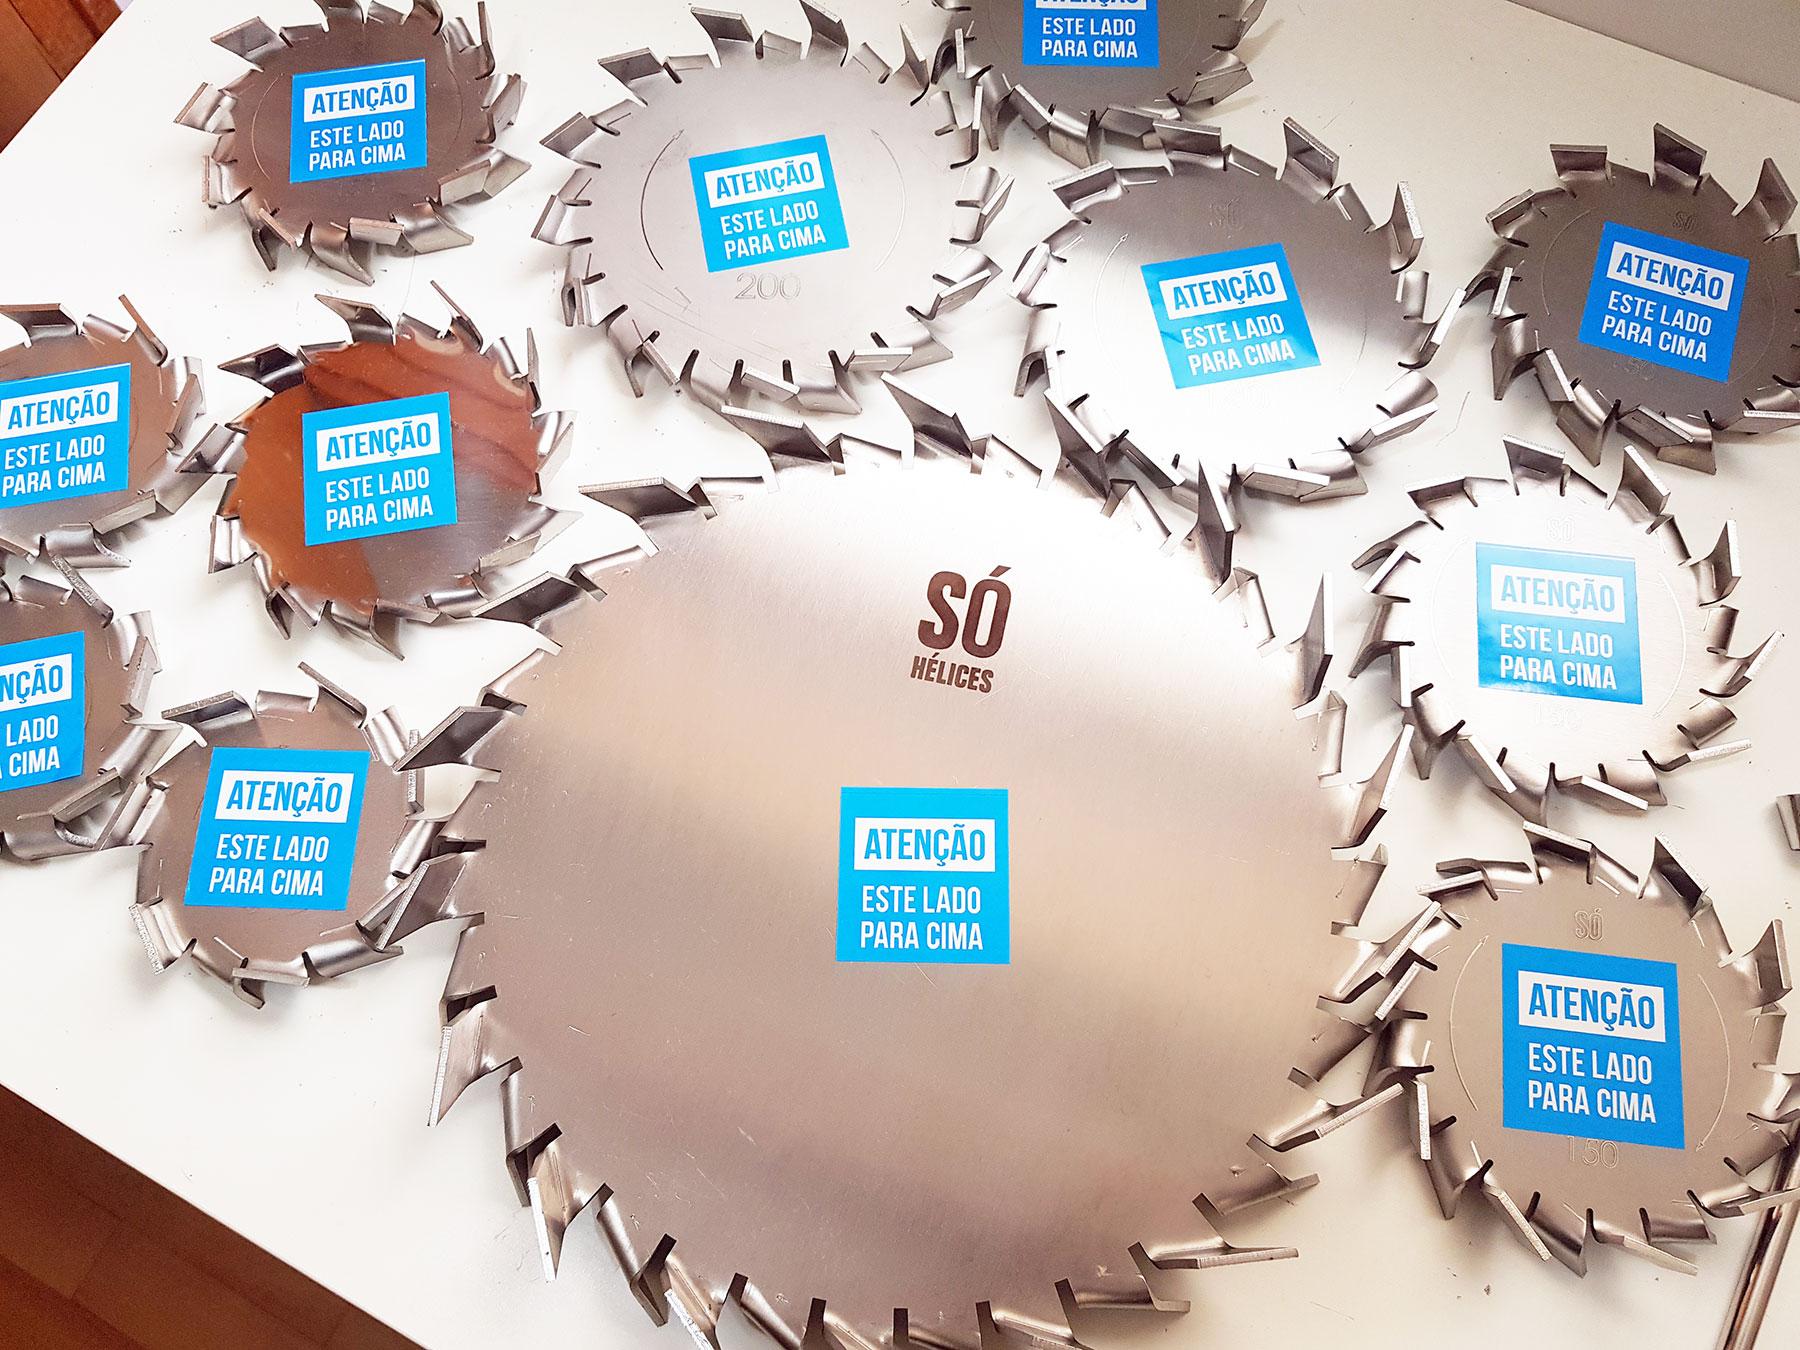 Disco dispersor de tintas em aço inox em diferentes tamanhos